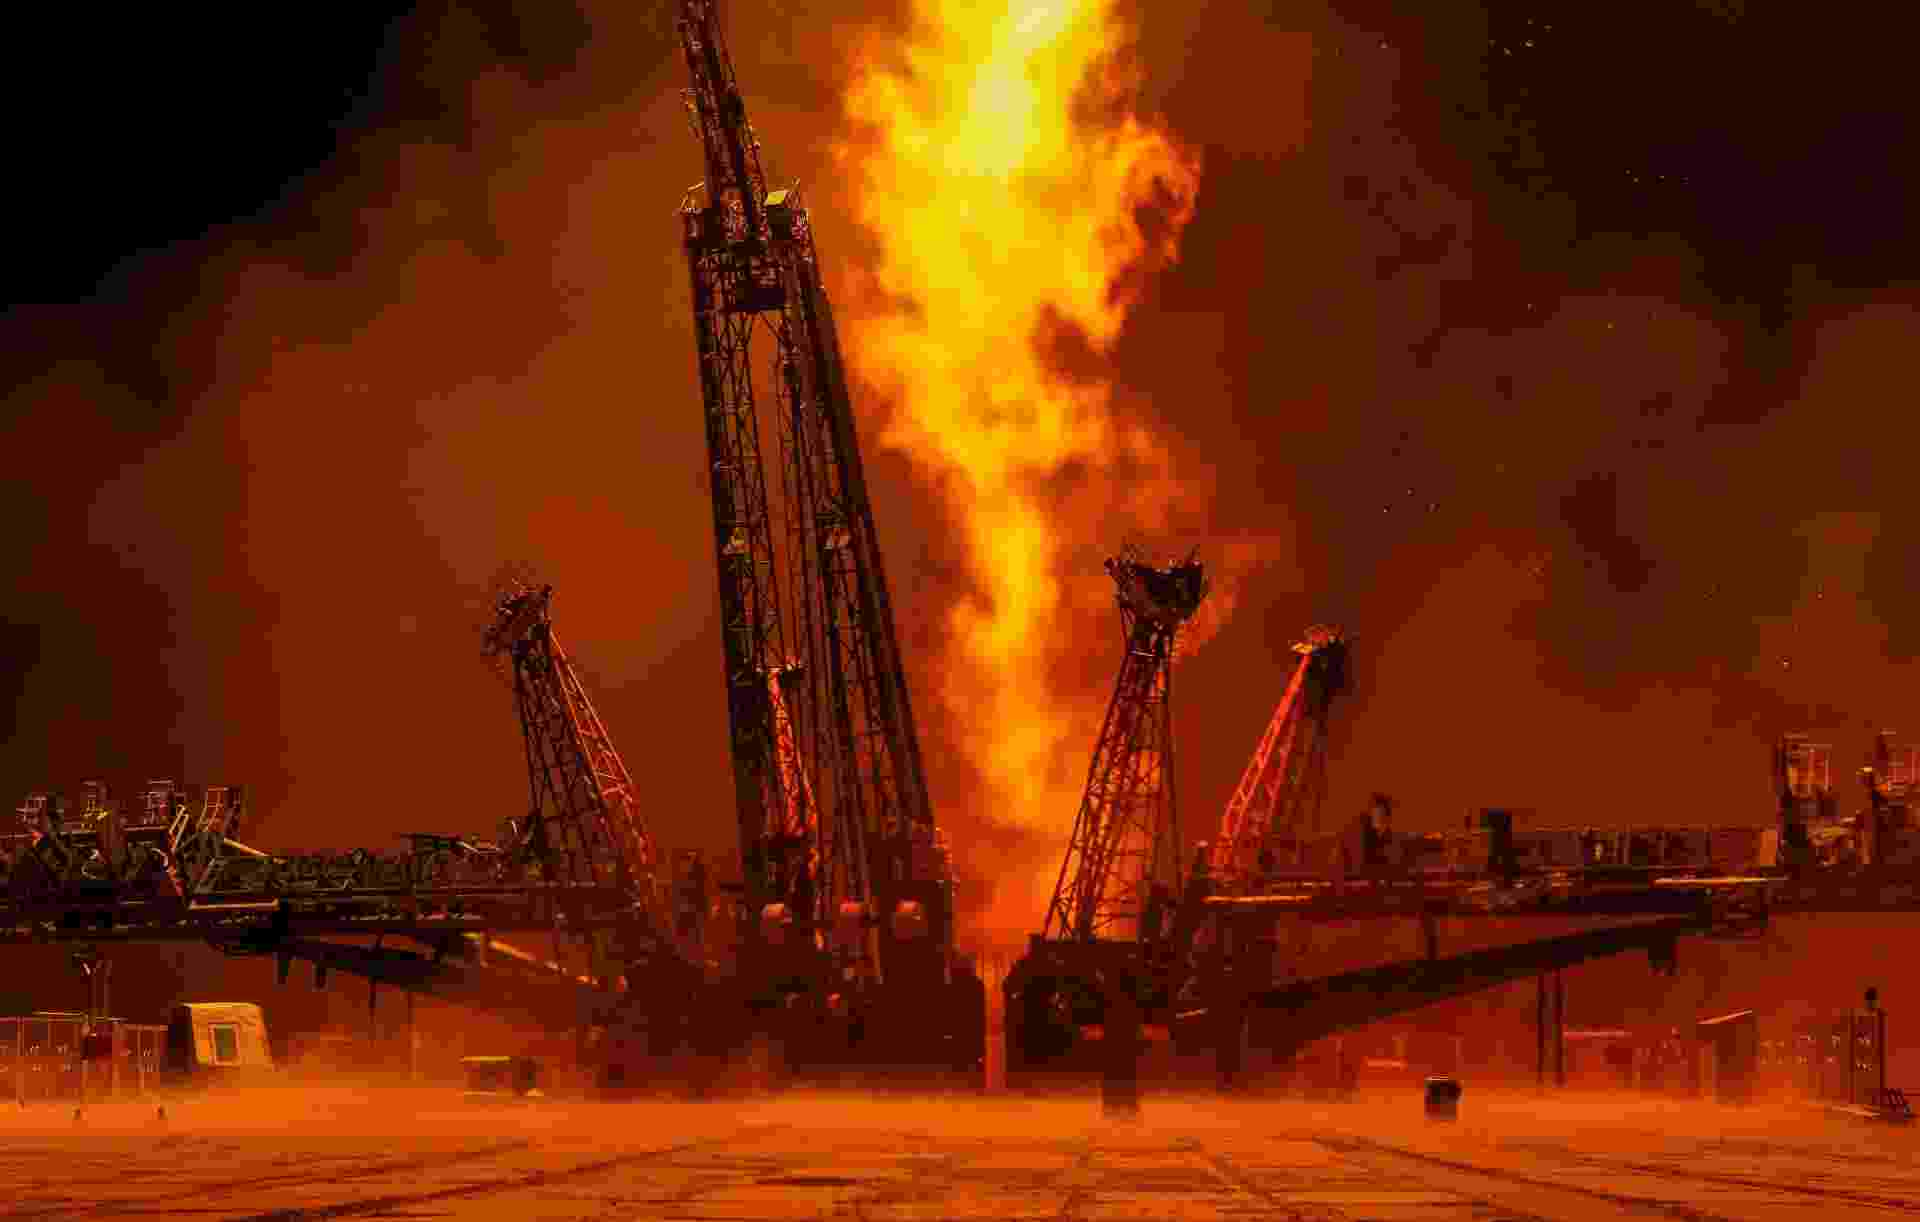 03.ago.2017 - Depois que o foguete se desloca, os fotógrafos continuam rastreando-o até desaparecer da vista. A poucos minutos do vôo, o foguete derrama seus quatro impulsionadores à medida que esvaziam o combustível líquido e não podem mais impulsionar a embarcação03.ago.2017 - O fotógrafo Shamil Zhumatov registrou cada passo do lançamento da nave espacial Soyuz, realizado no dia 28 de julho, no cosmodrome de Baikonur (Cazaquistão). As imagens ganharam um toque especial da iluminação natural de um final de tarde - Shamil Zhumatov/Reuters